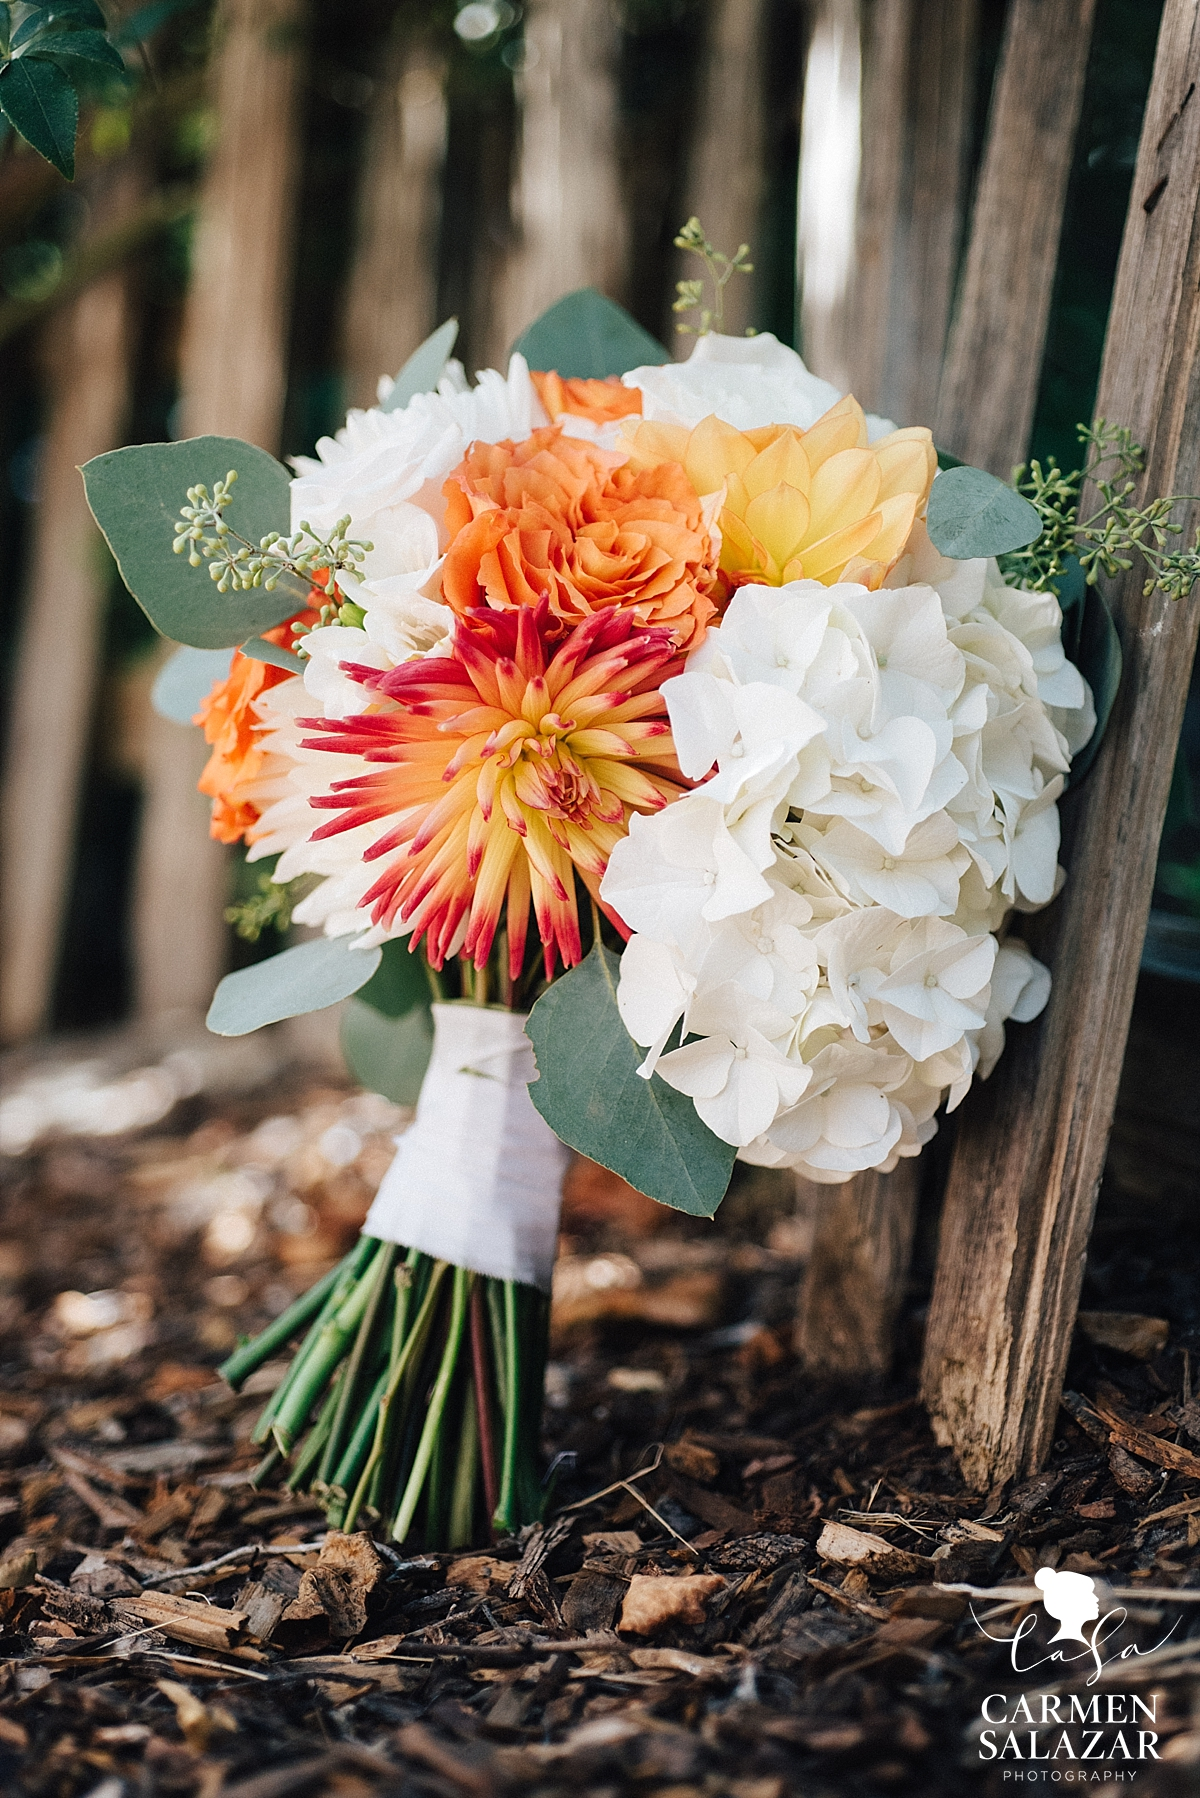 Unique modern white and orange wedding bouquet - Carmen Salazar